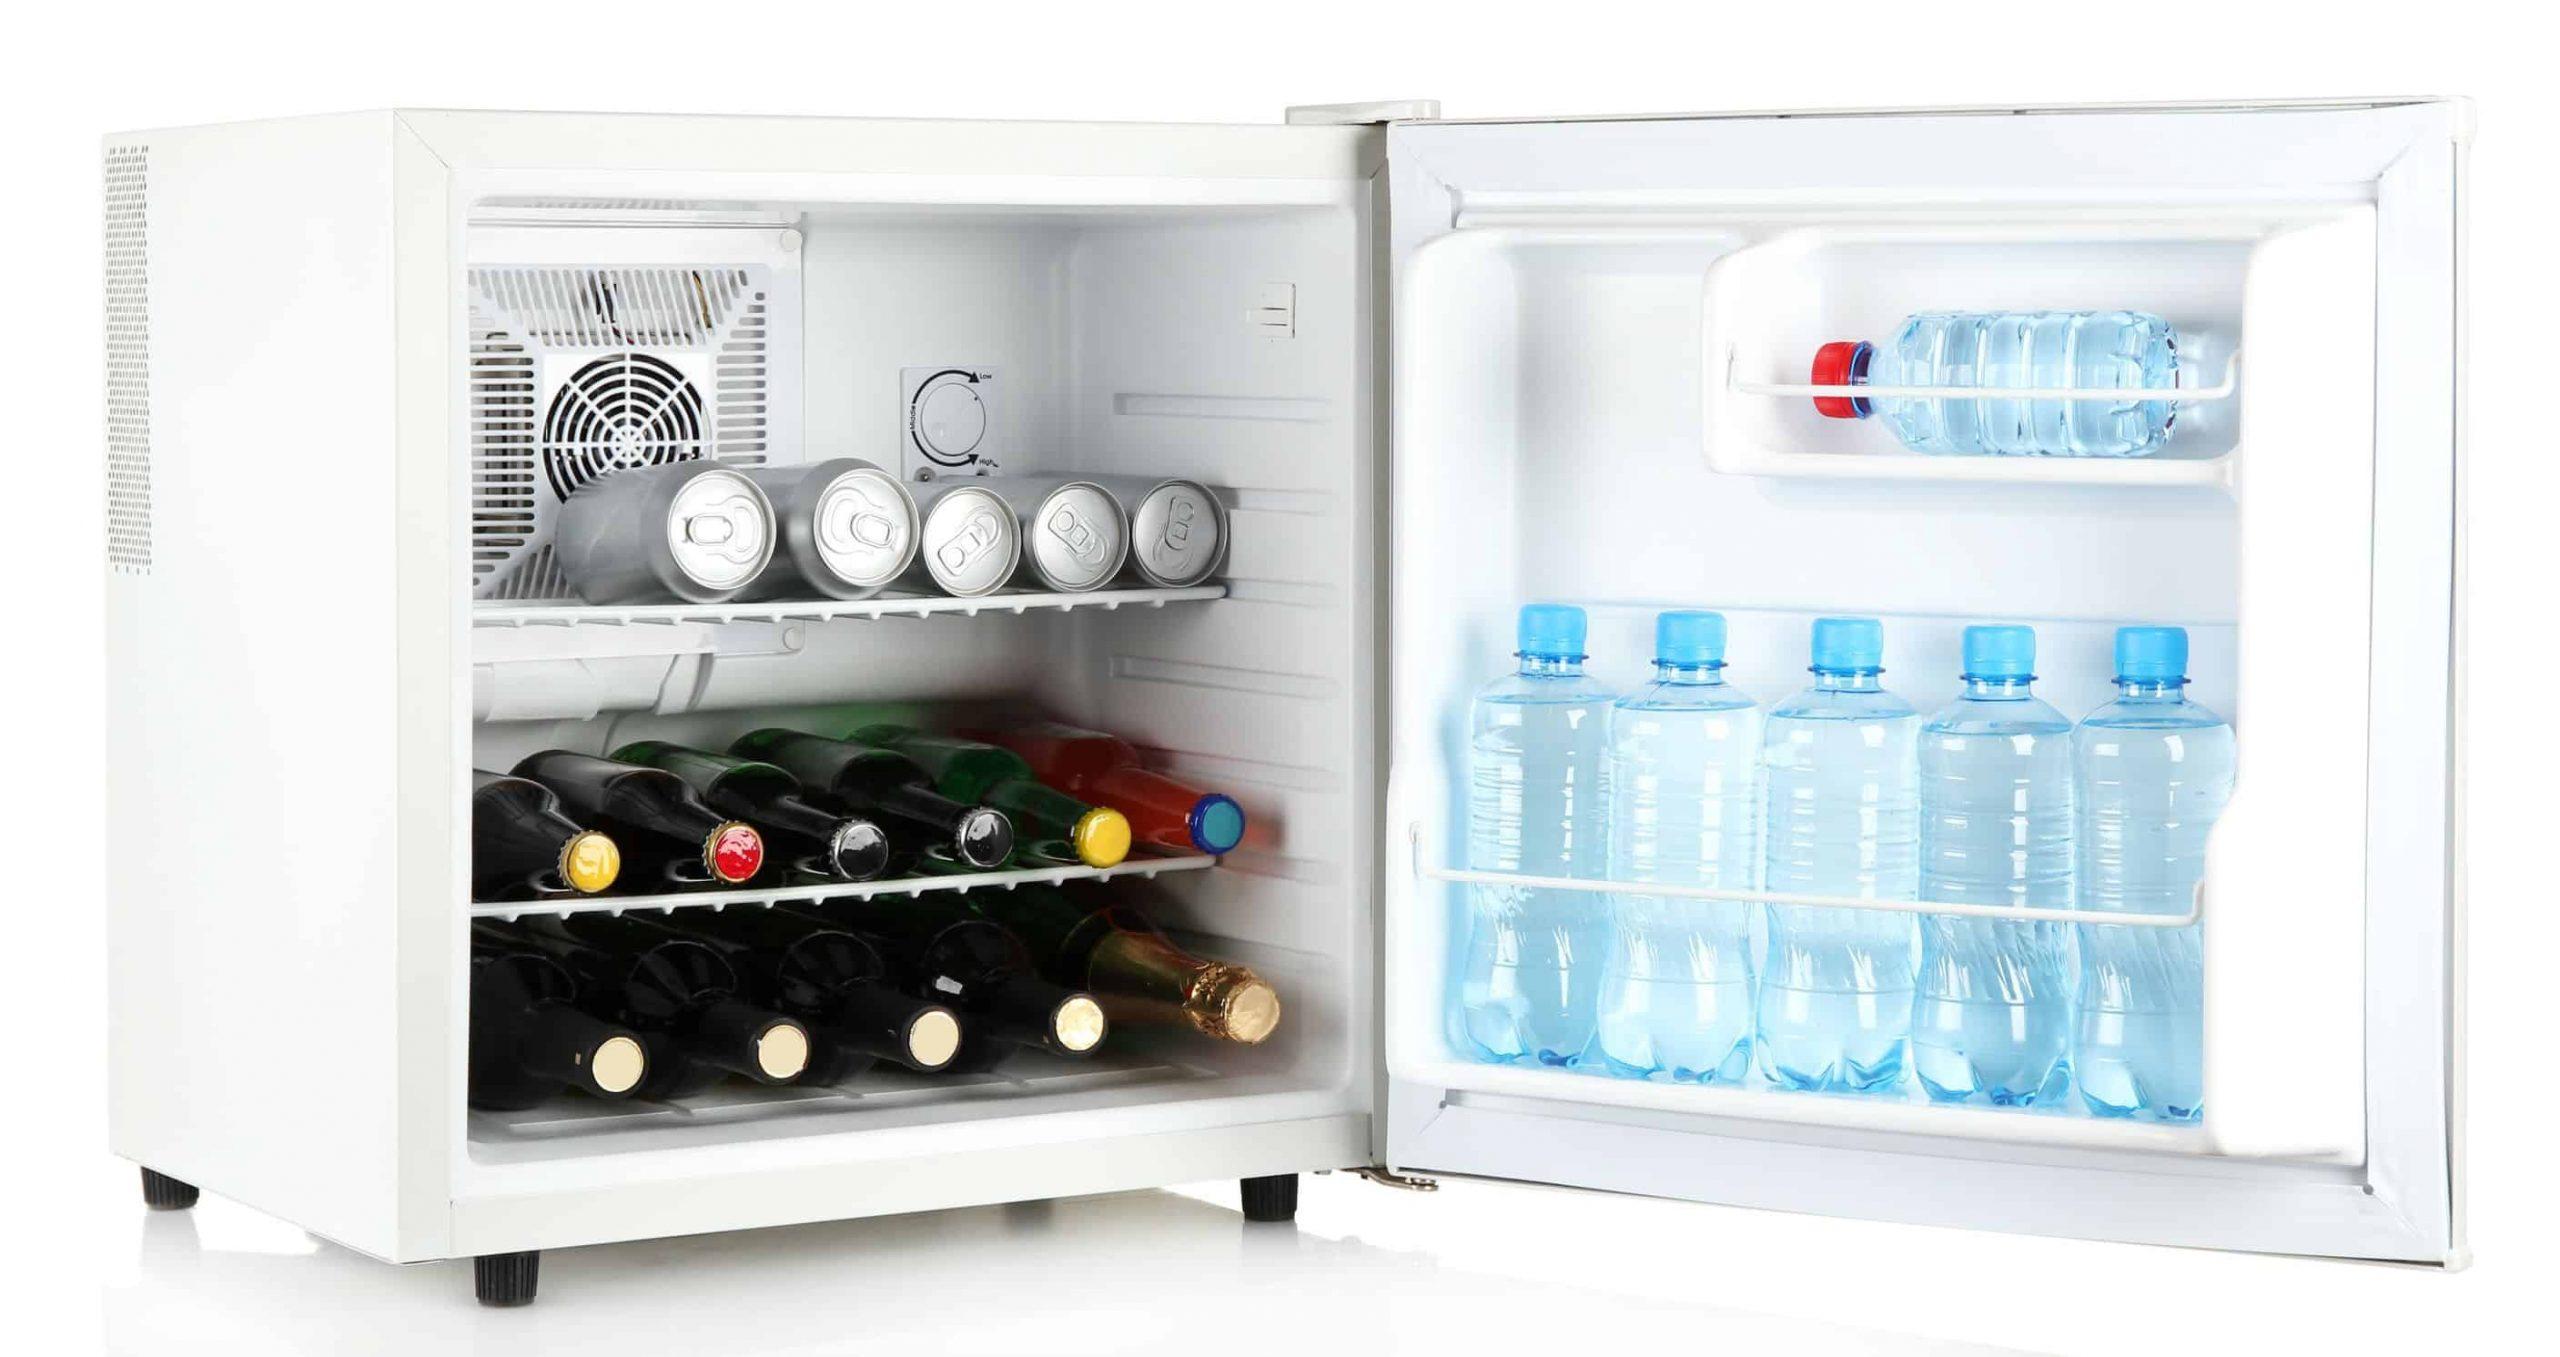 Imagem de frigobar aberto com bebidas dentro.